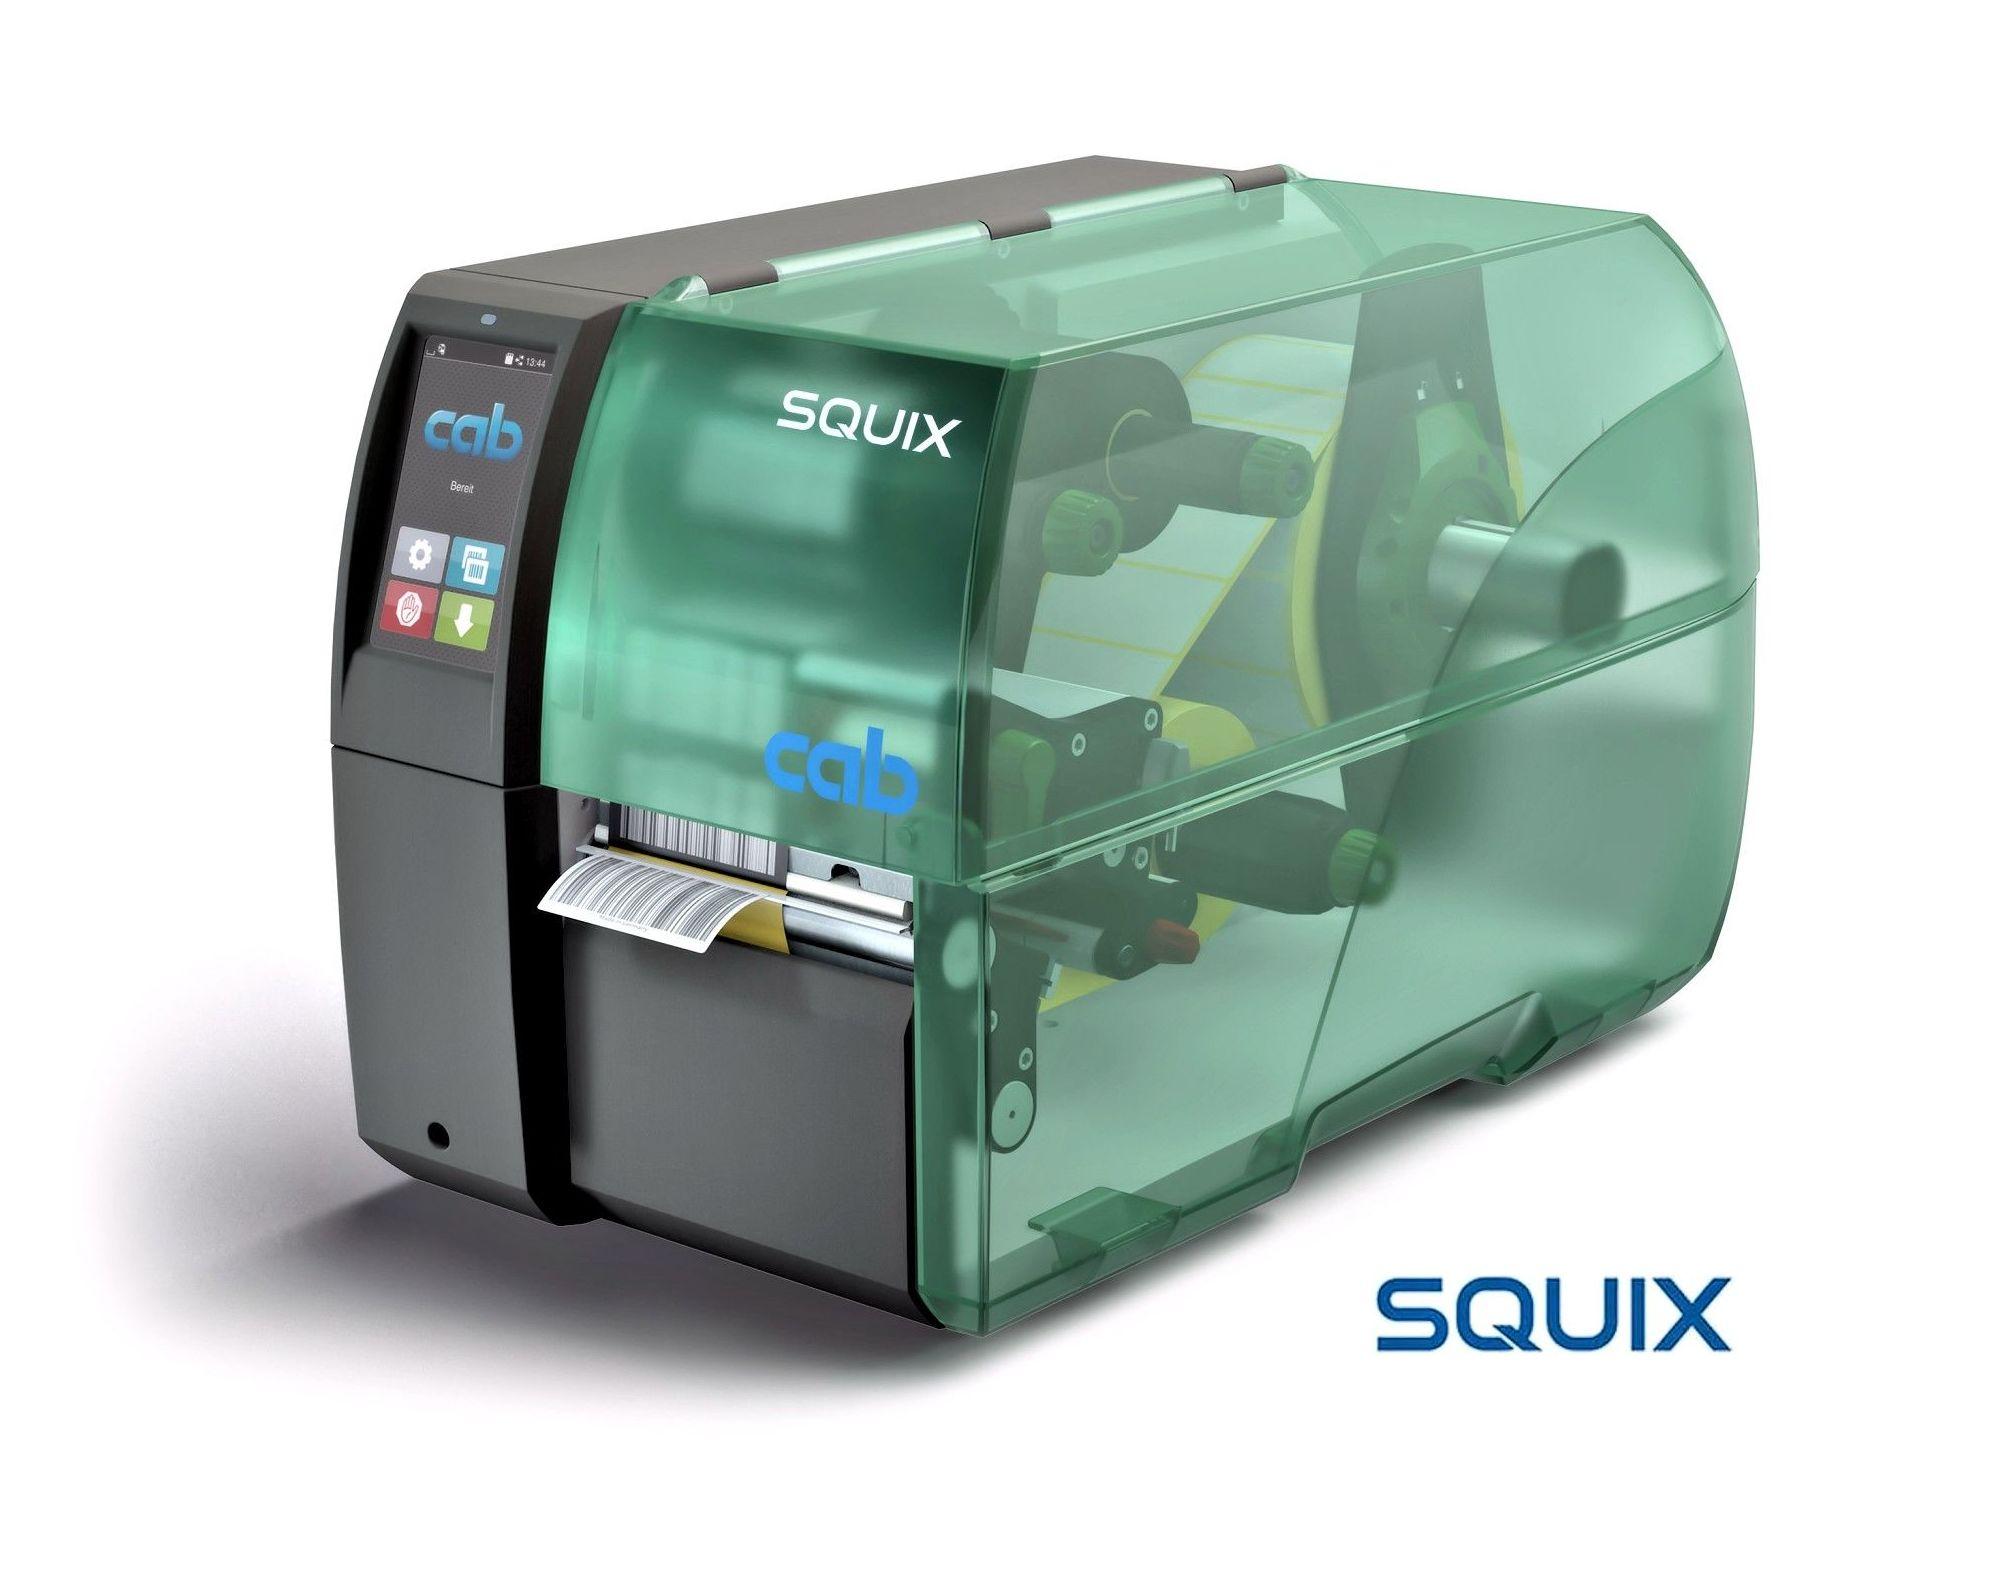 Cab SQUIX Label Printer